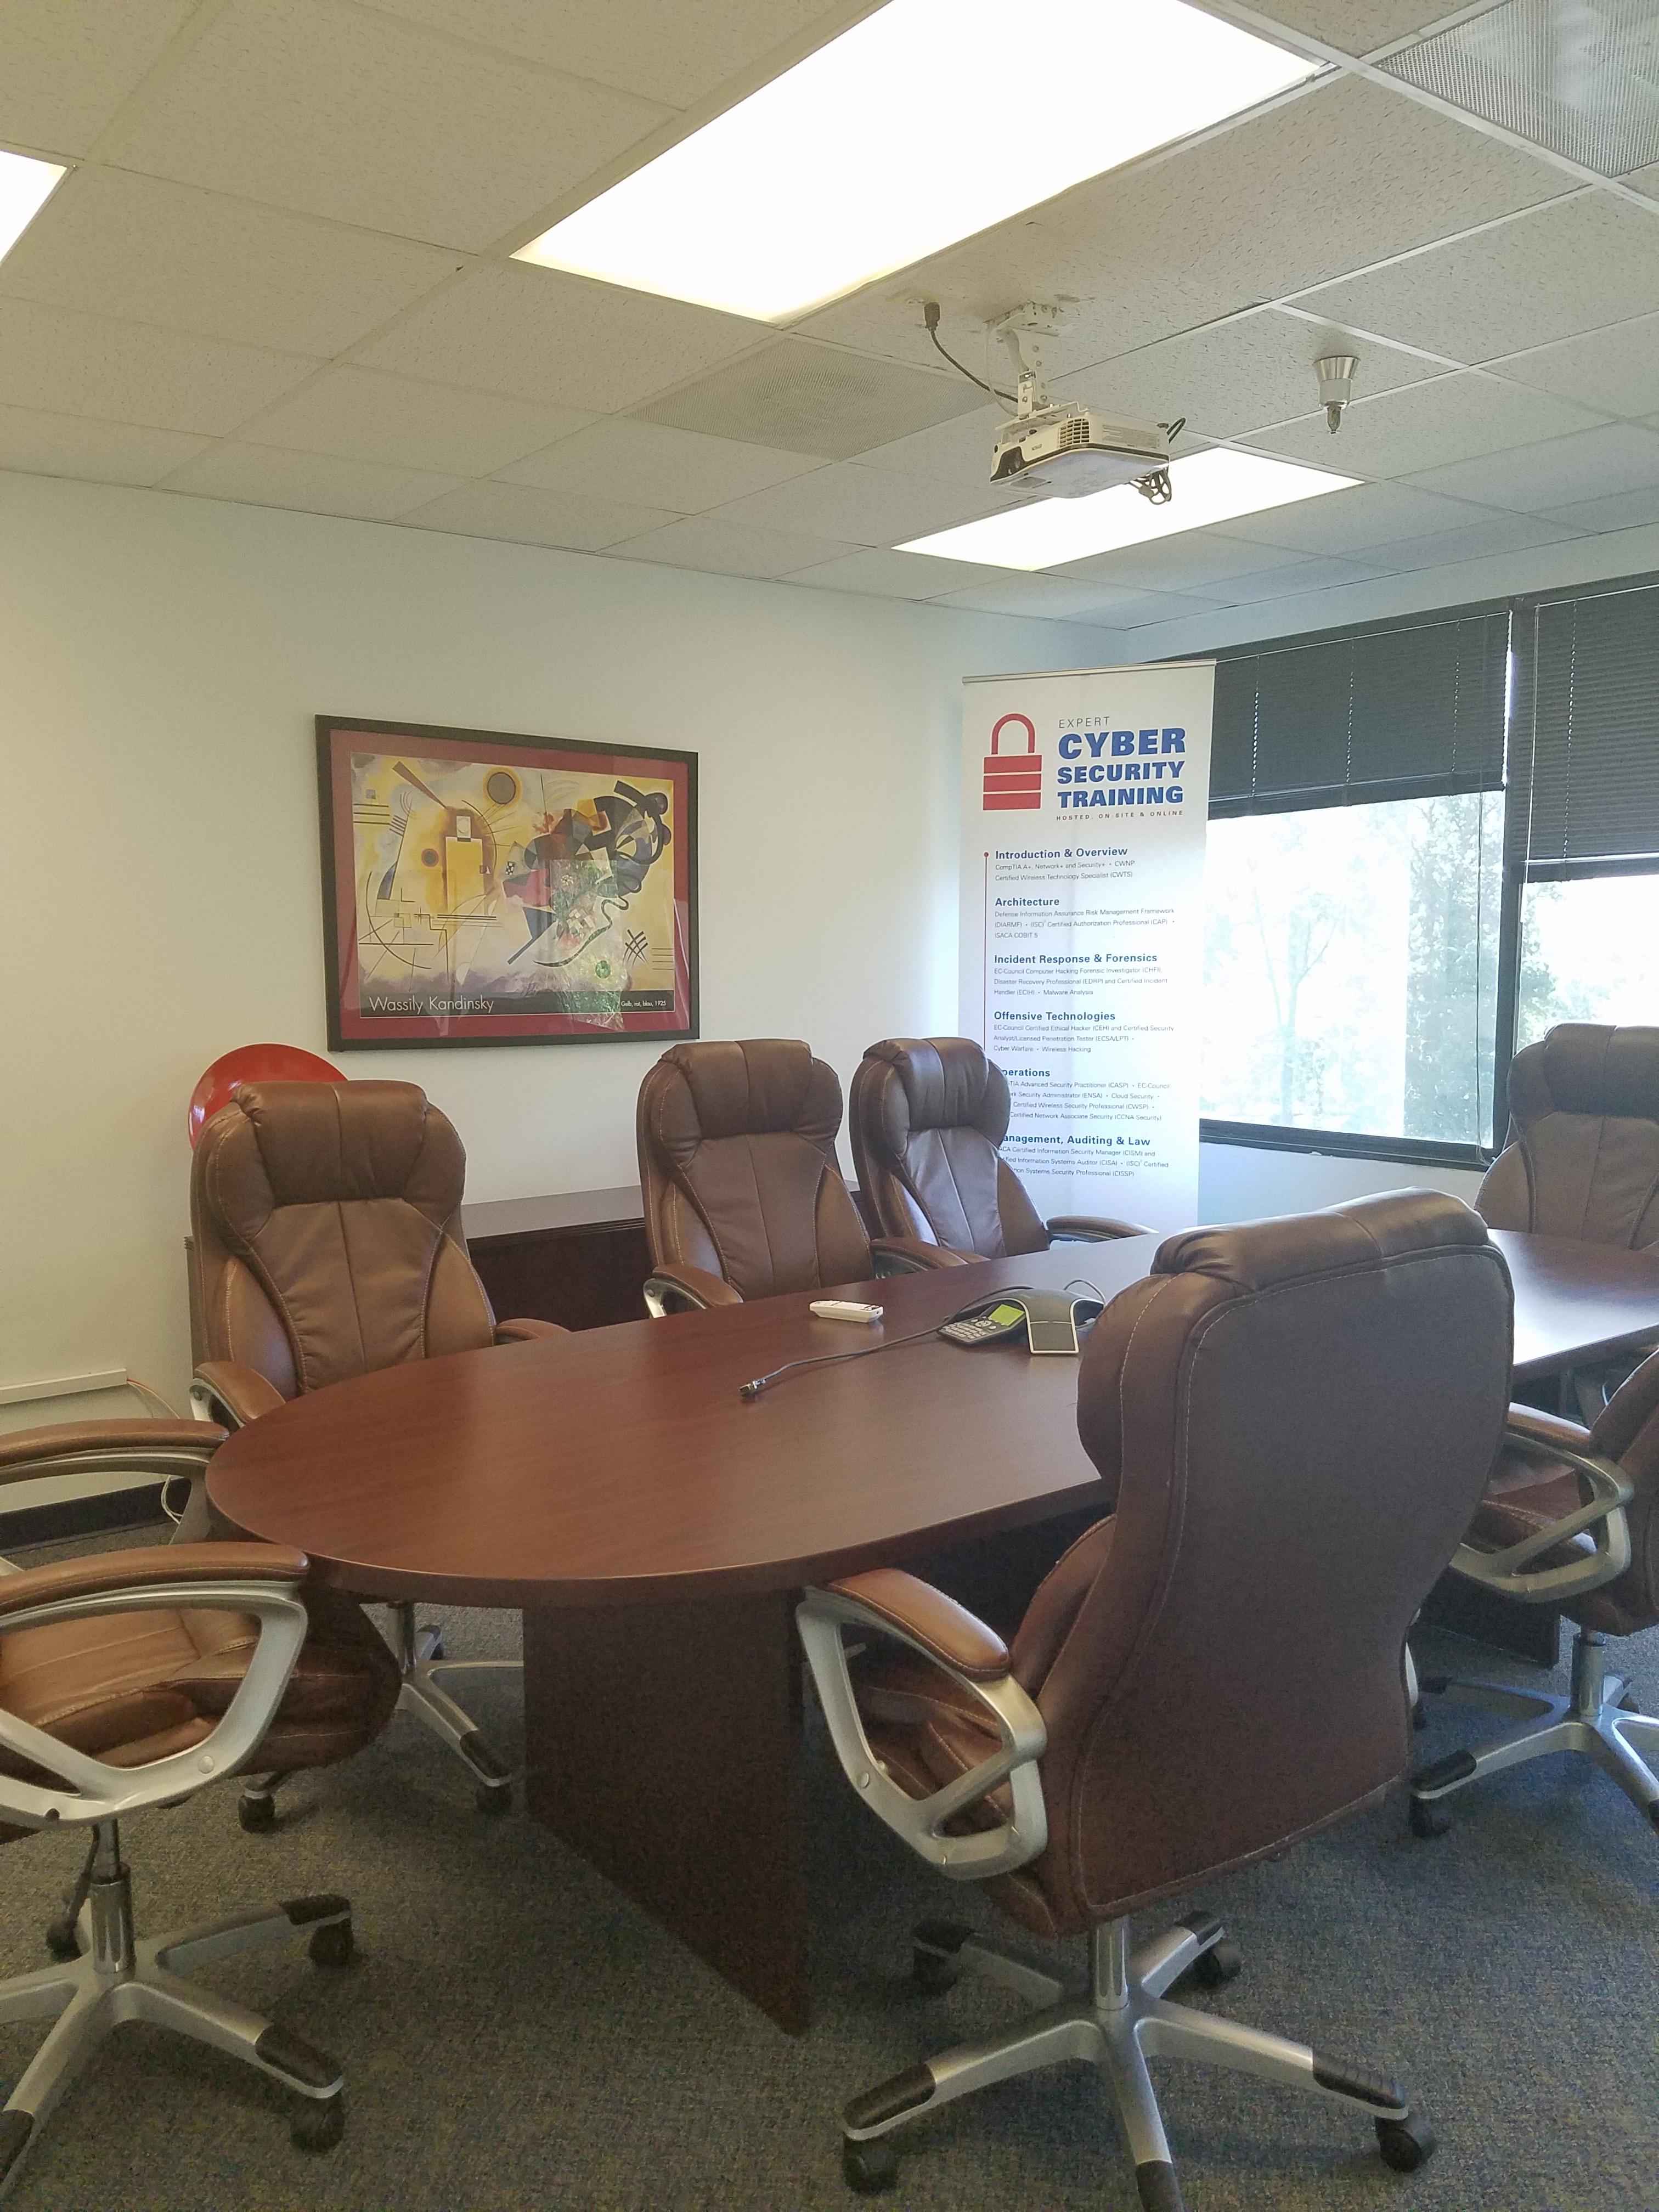 Meeting Room Rental in Columbia, MD